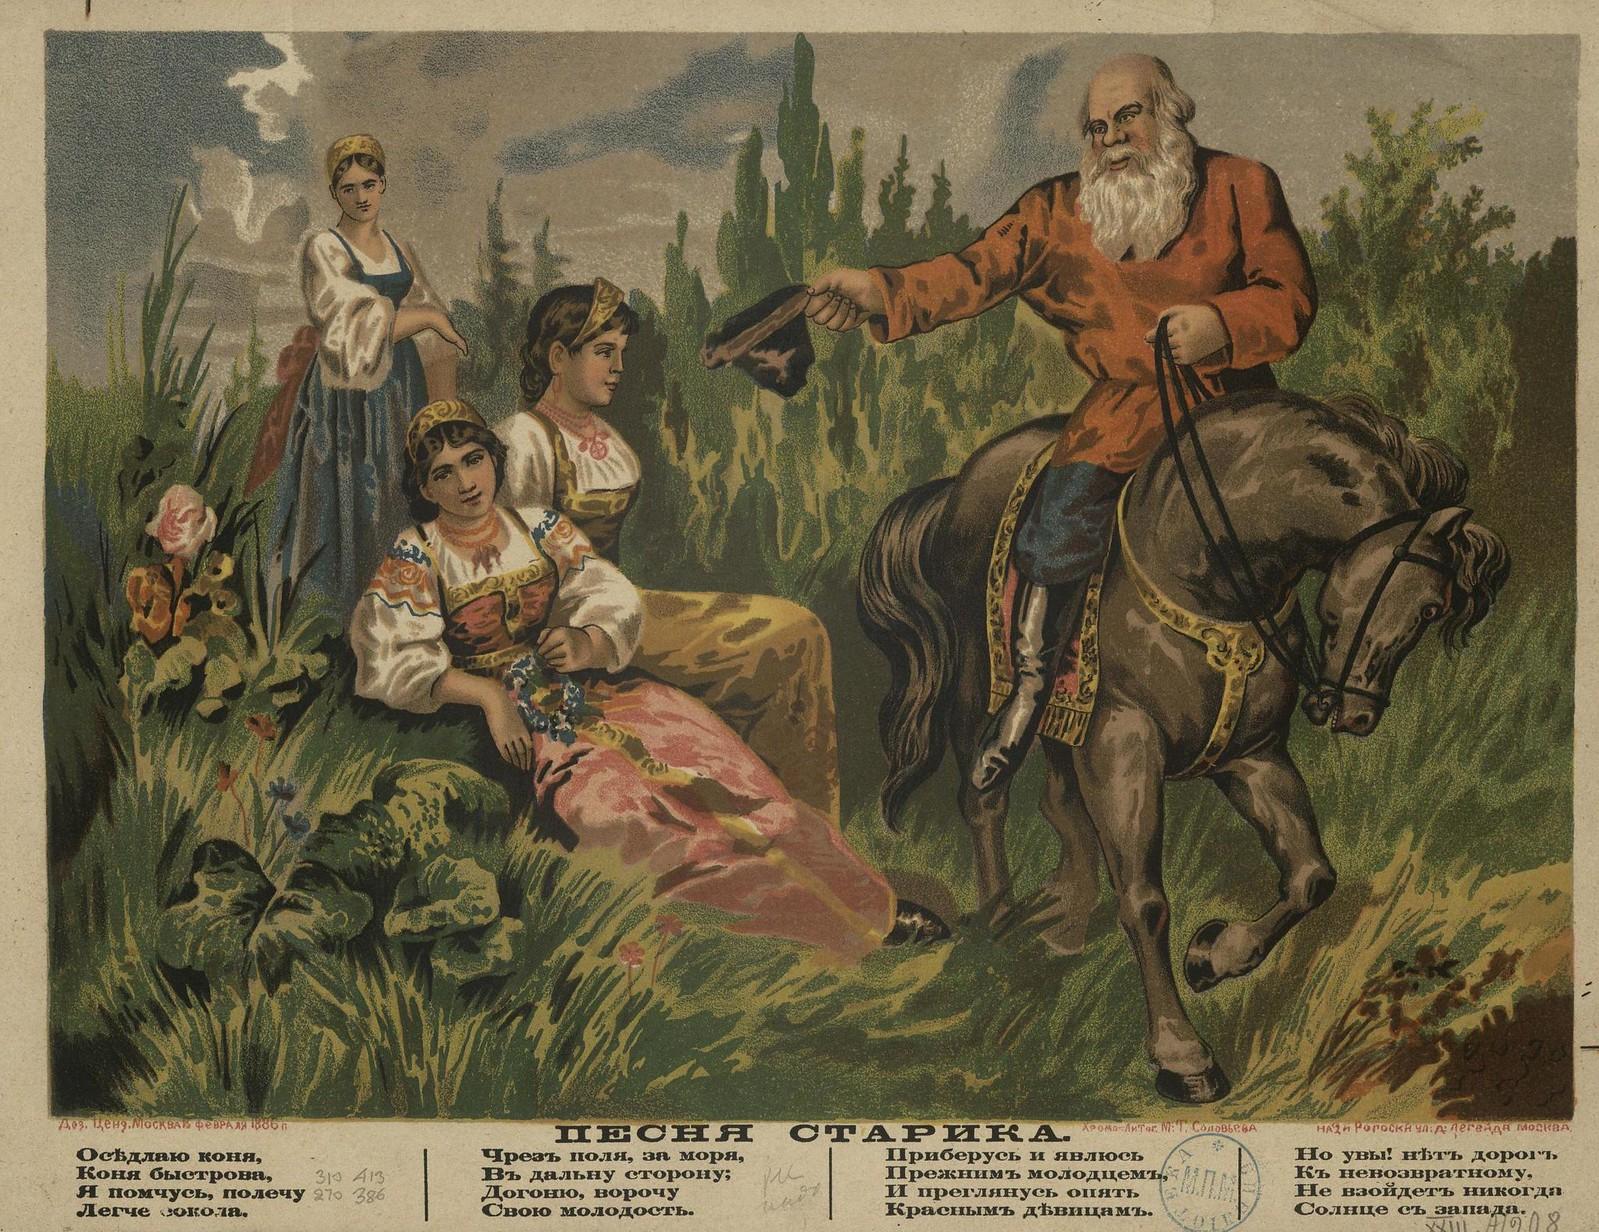 1886. Песня старика. Оседлаю коня, коня быстрого. Я помчусь, полечу легче сокола...